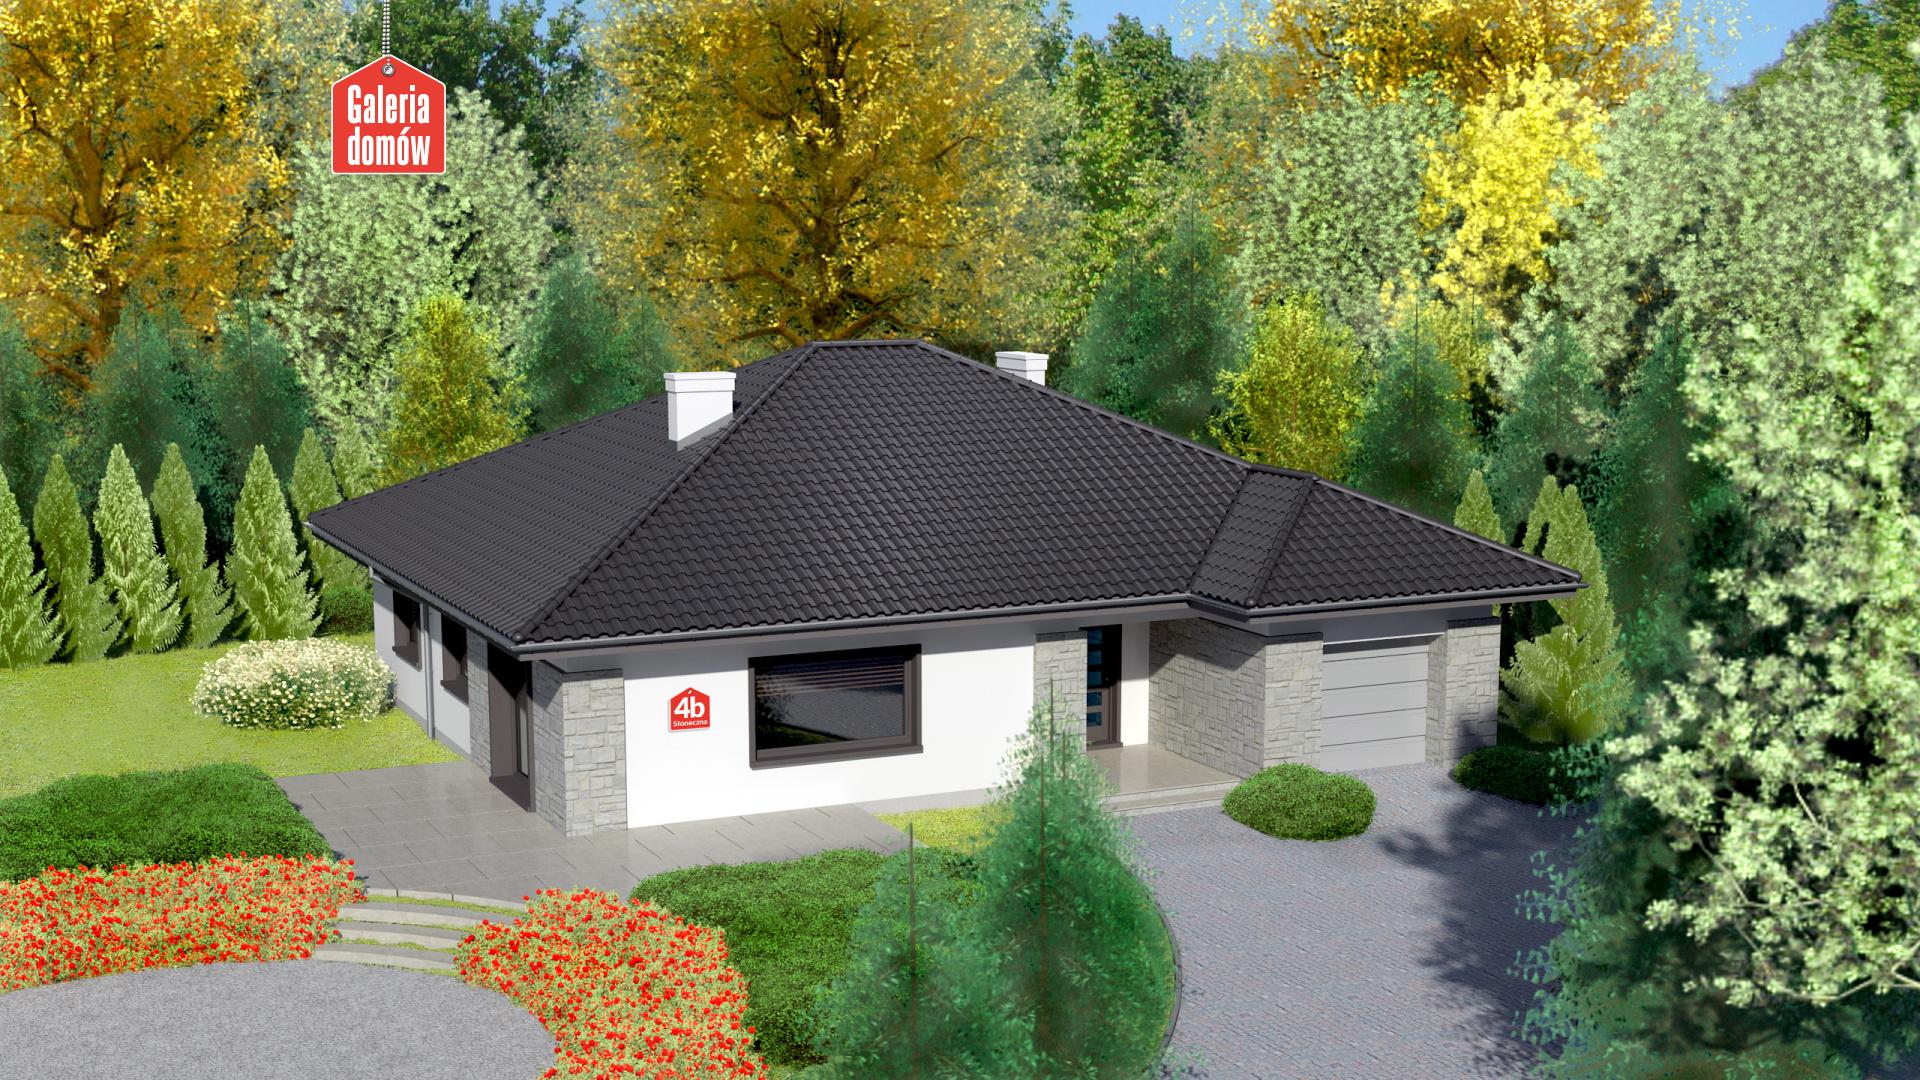 Zdjęcie projektu i wizualizacja: projekt domu Dom przy Słonecznej 4 bis